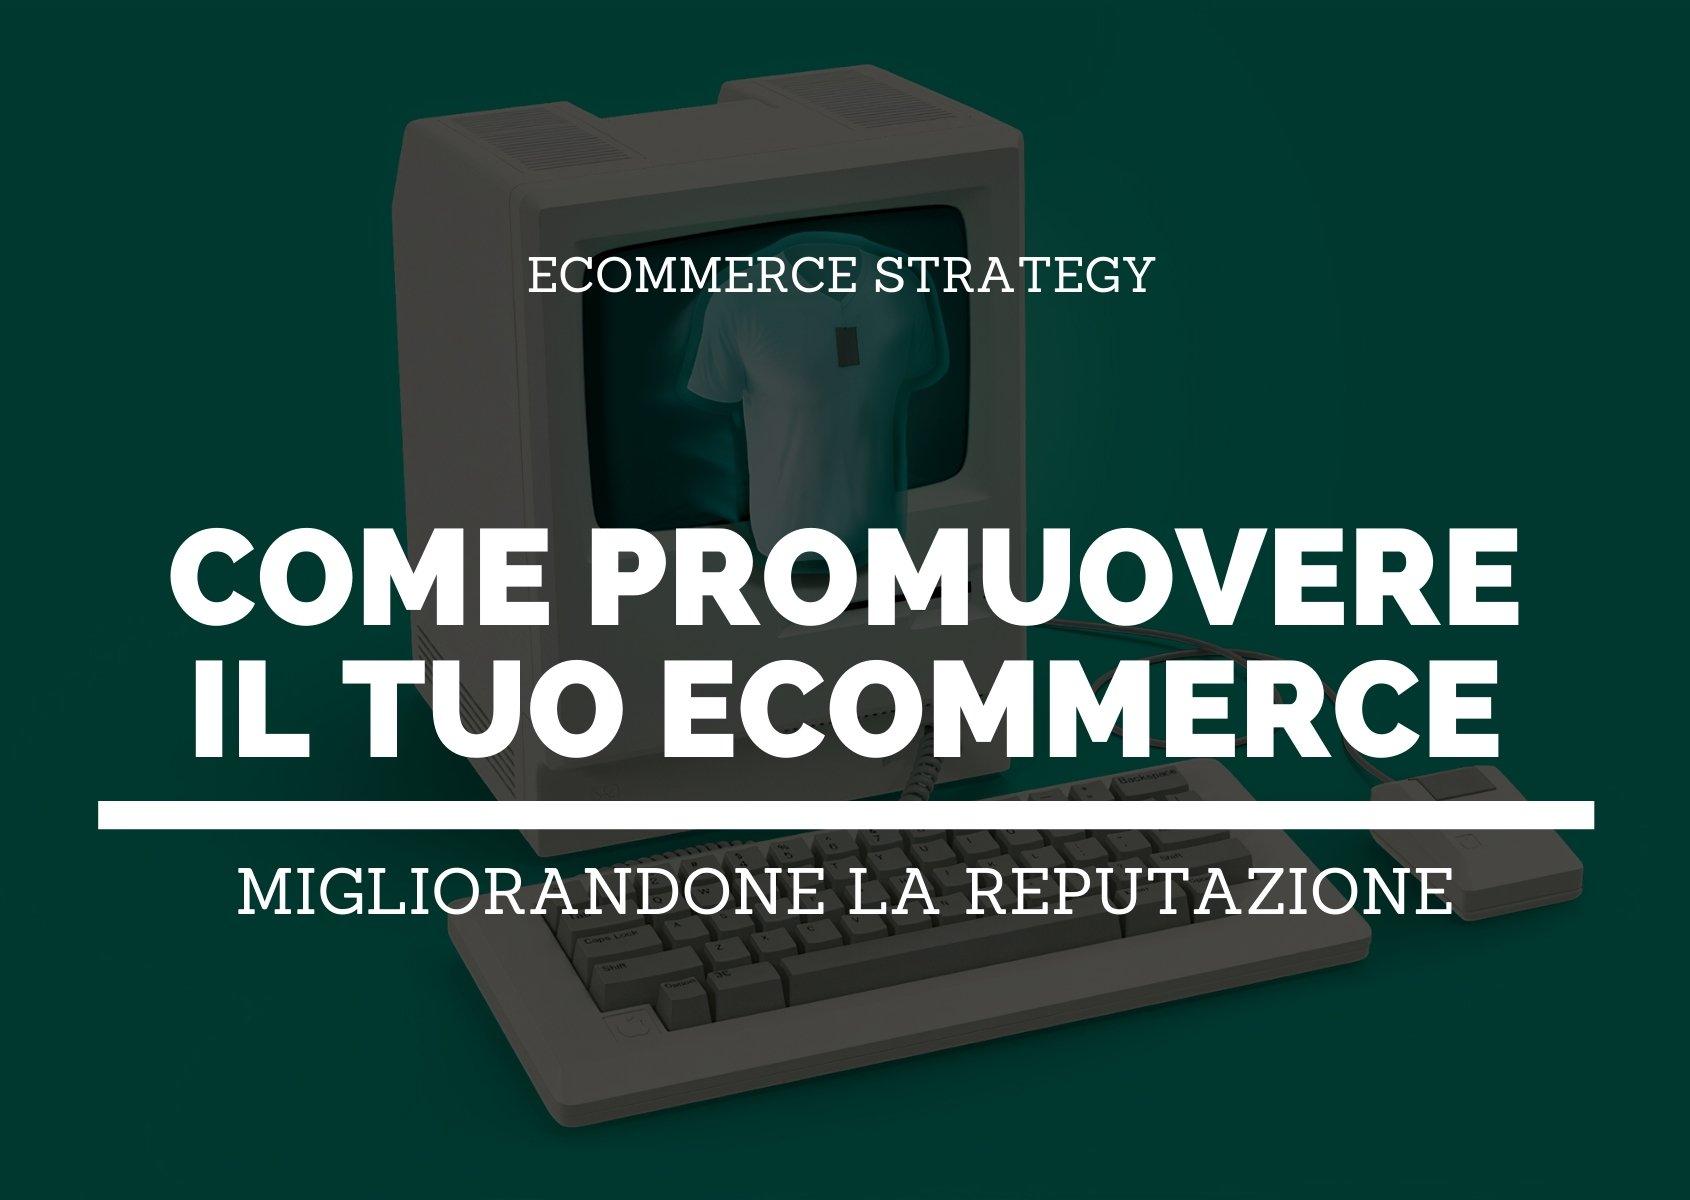 Reputazione-ecommerce-header-fix1